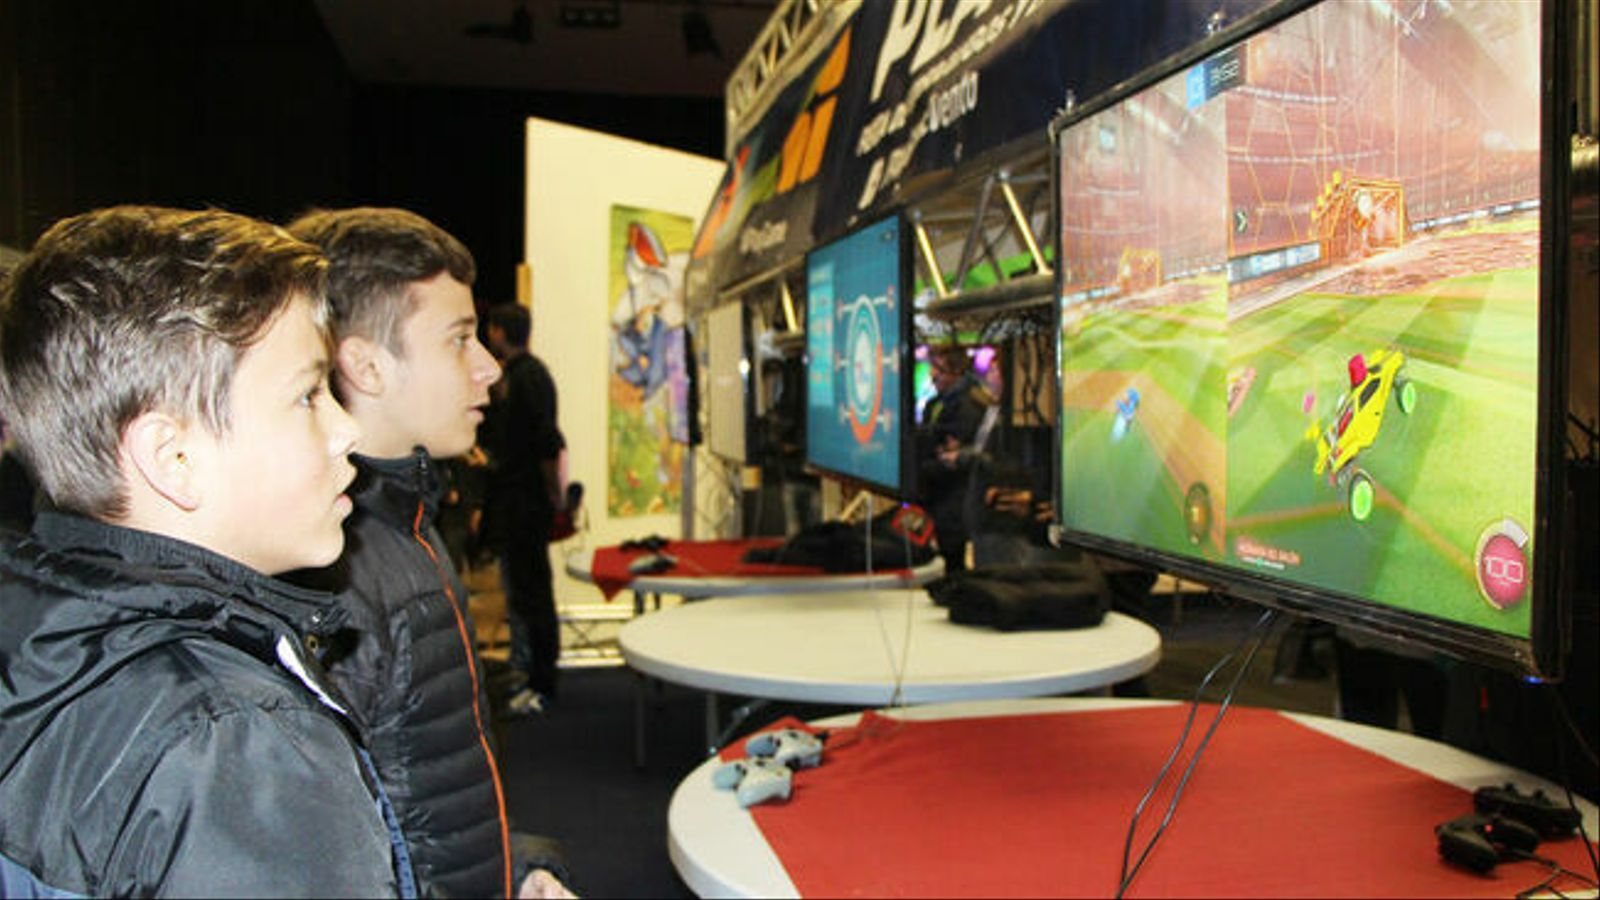 Joves jugant a un videojoc. / ARXIU ANA